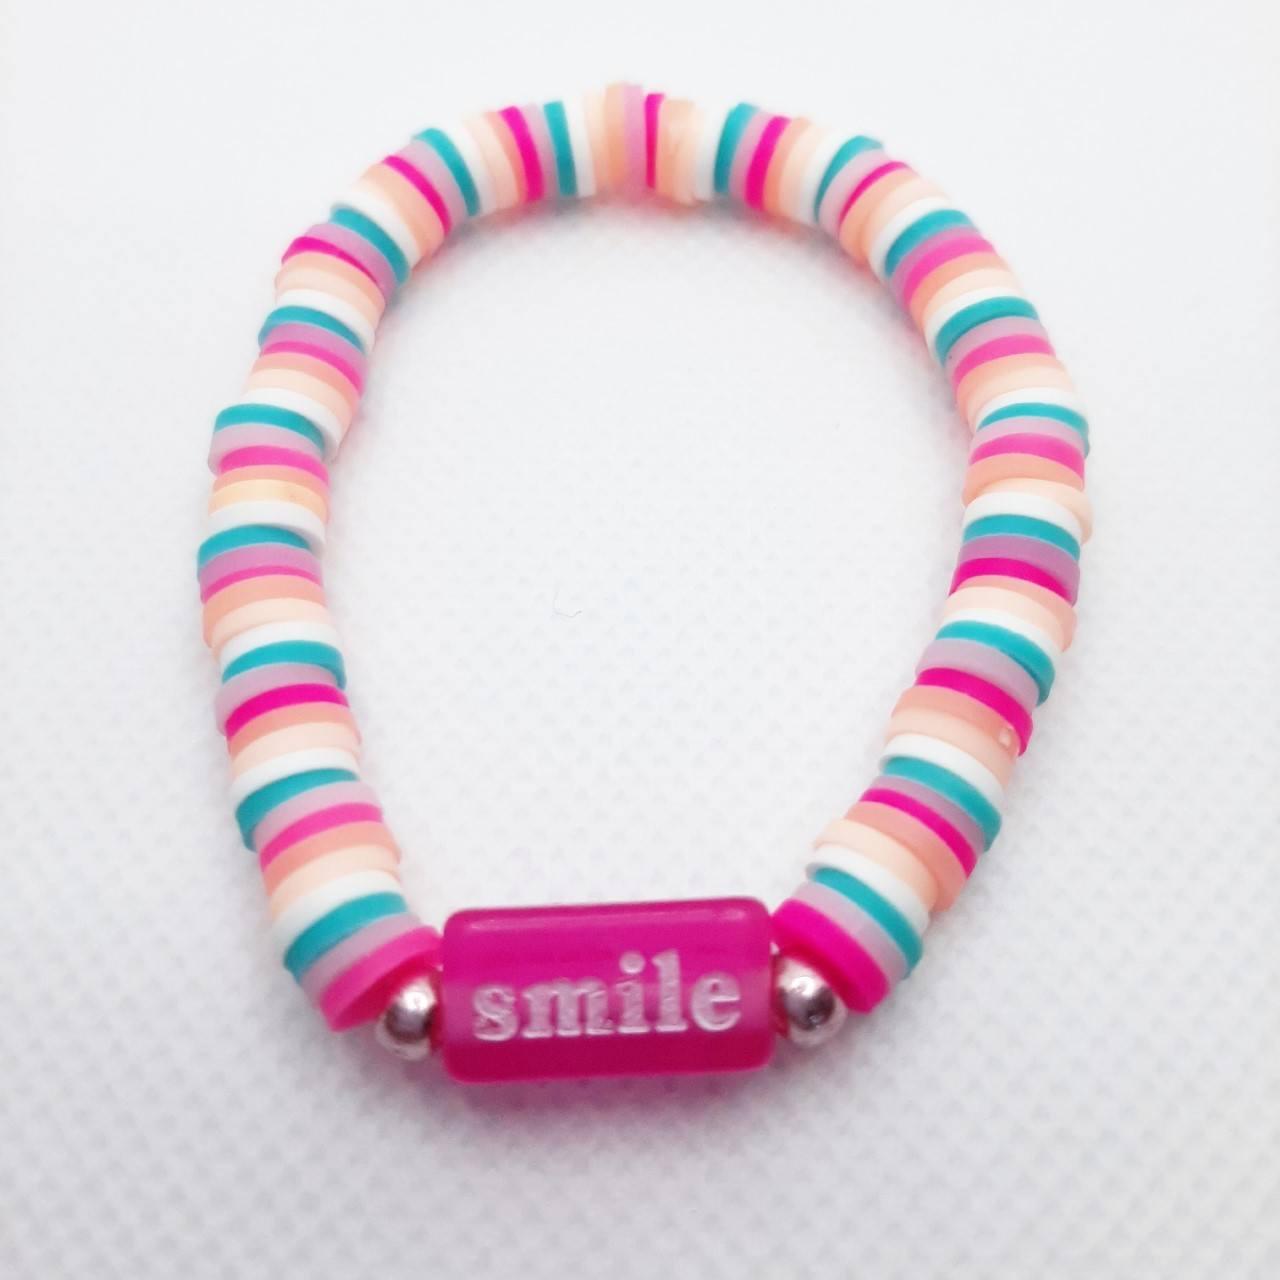 Pulseira Smile